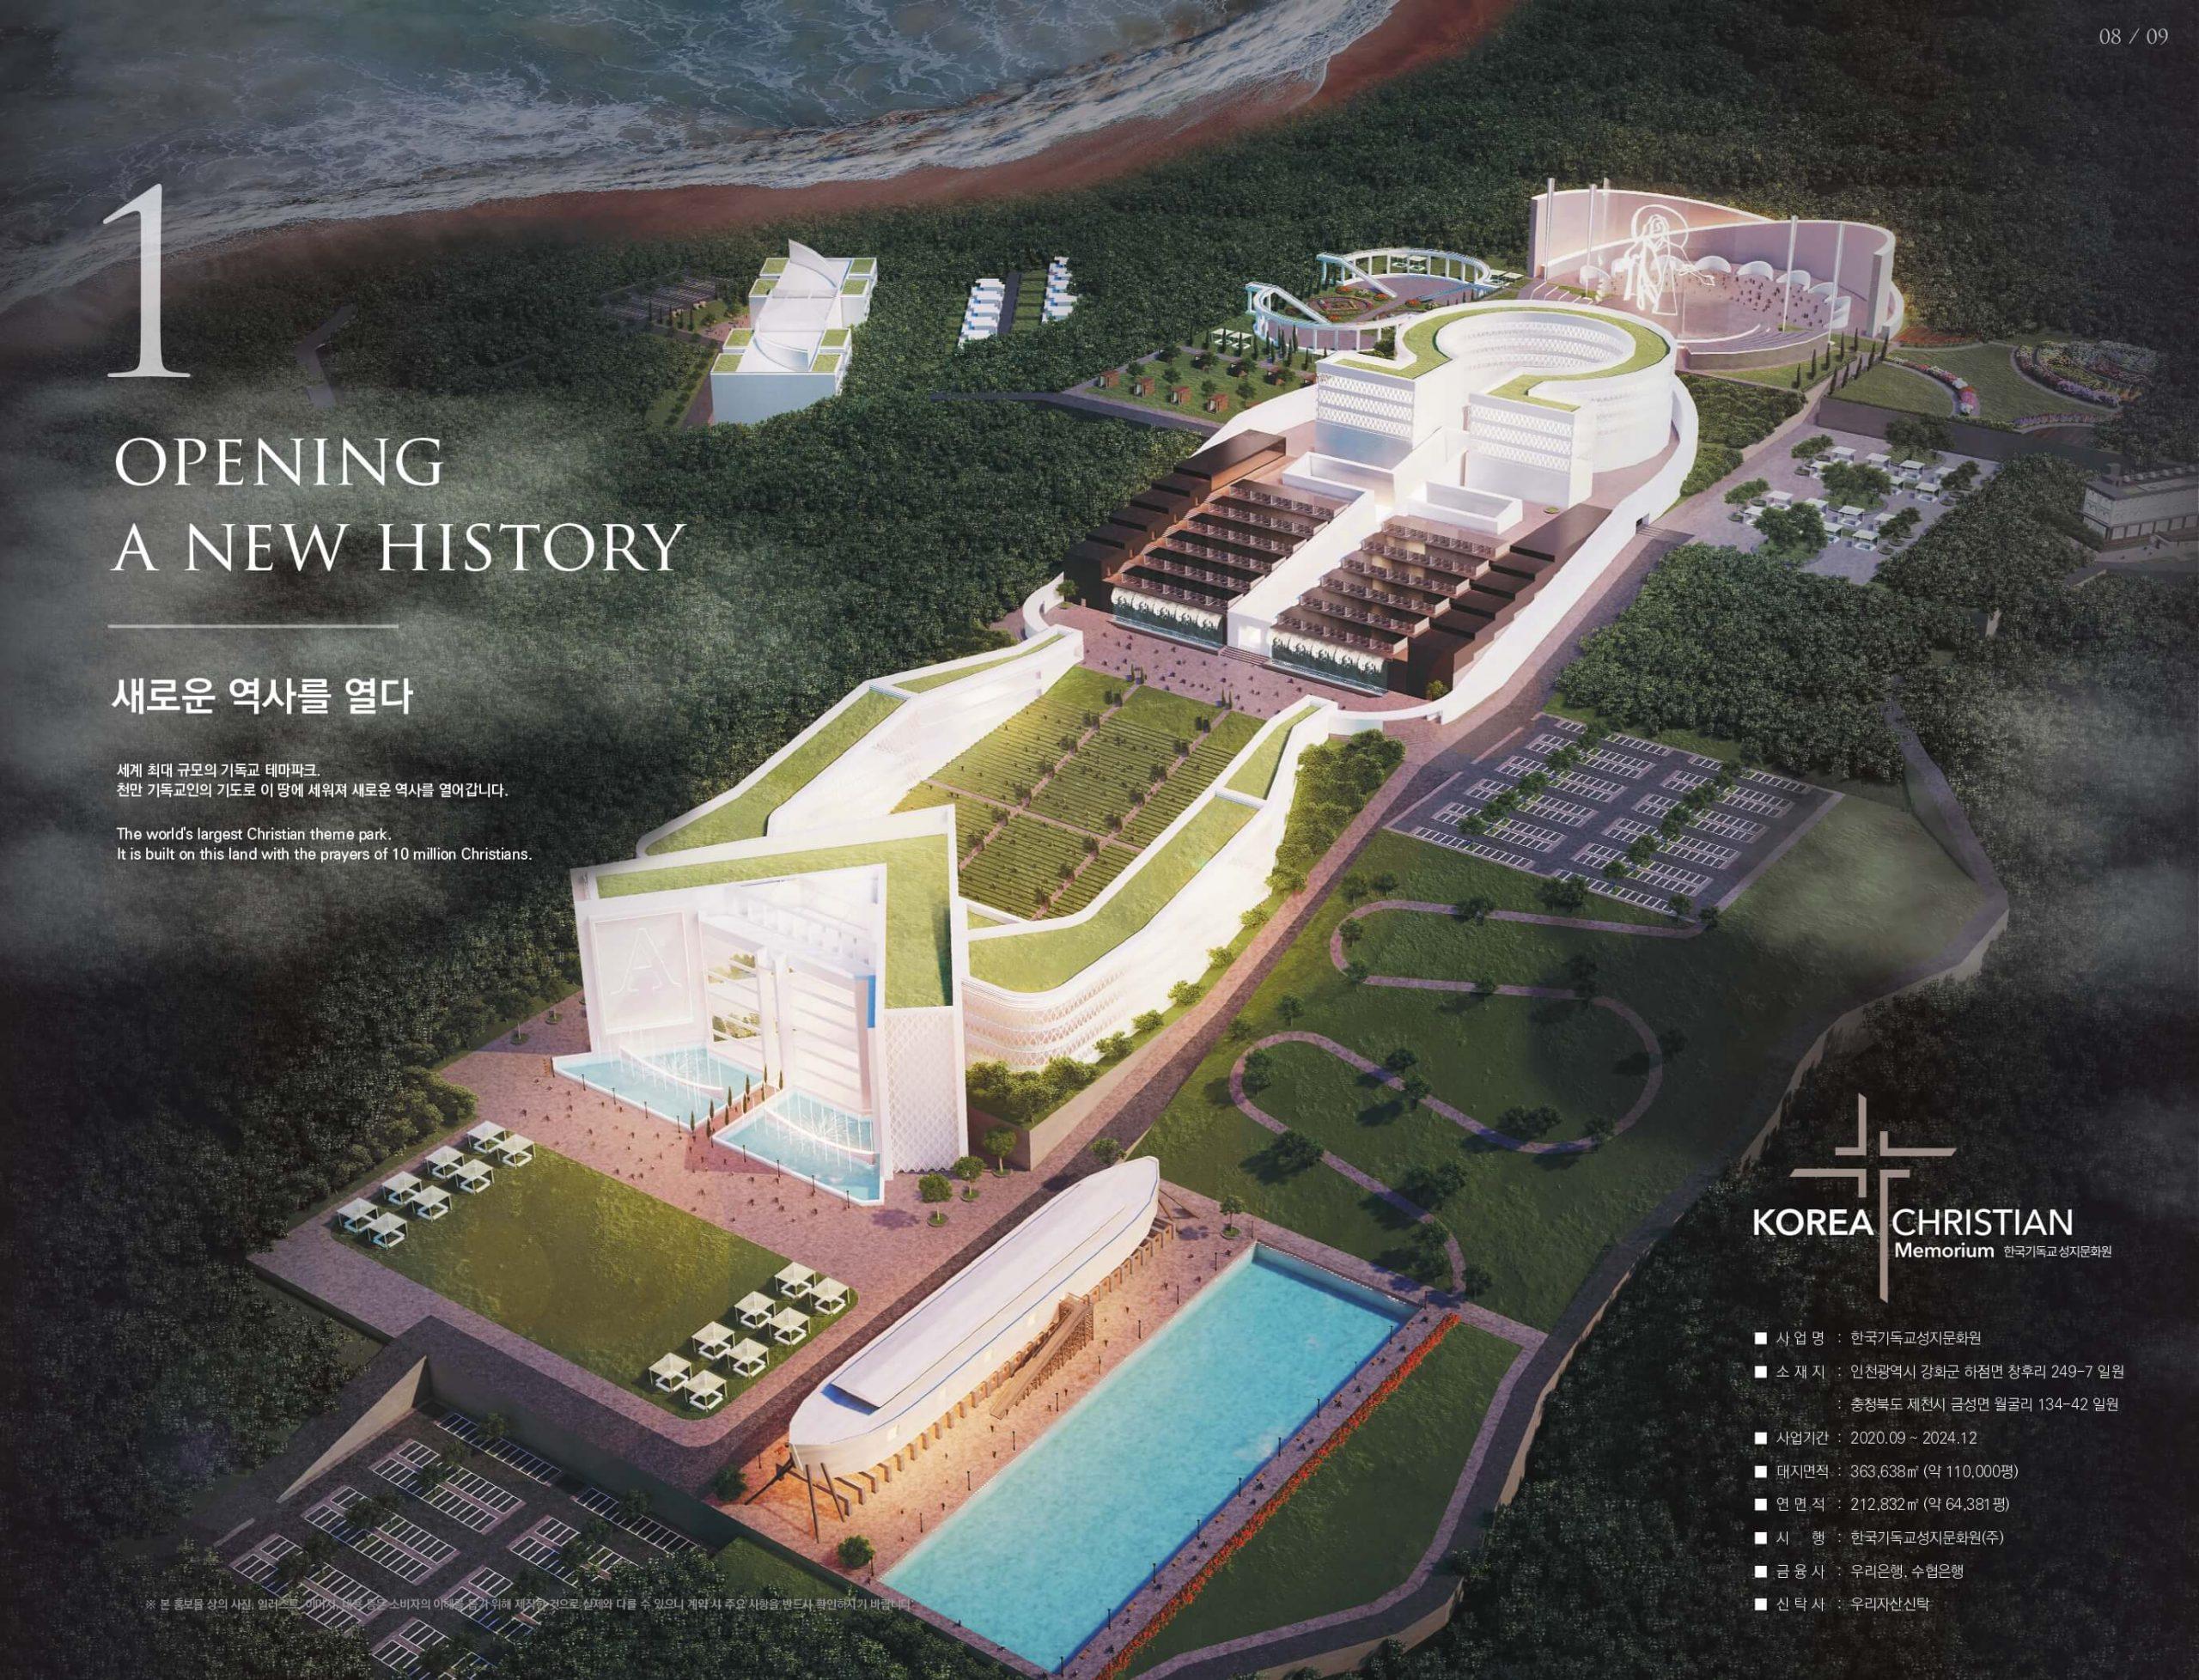 한국기독교성지문화원 홈페이지 사진 이미지 (4)